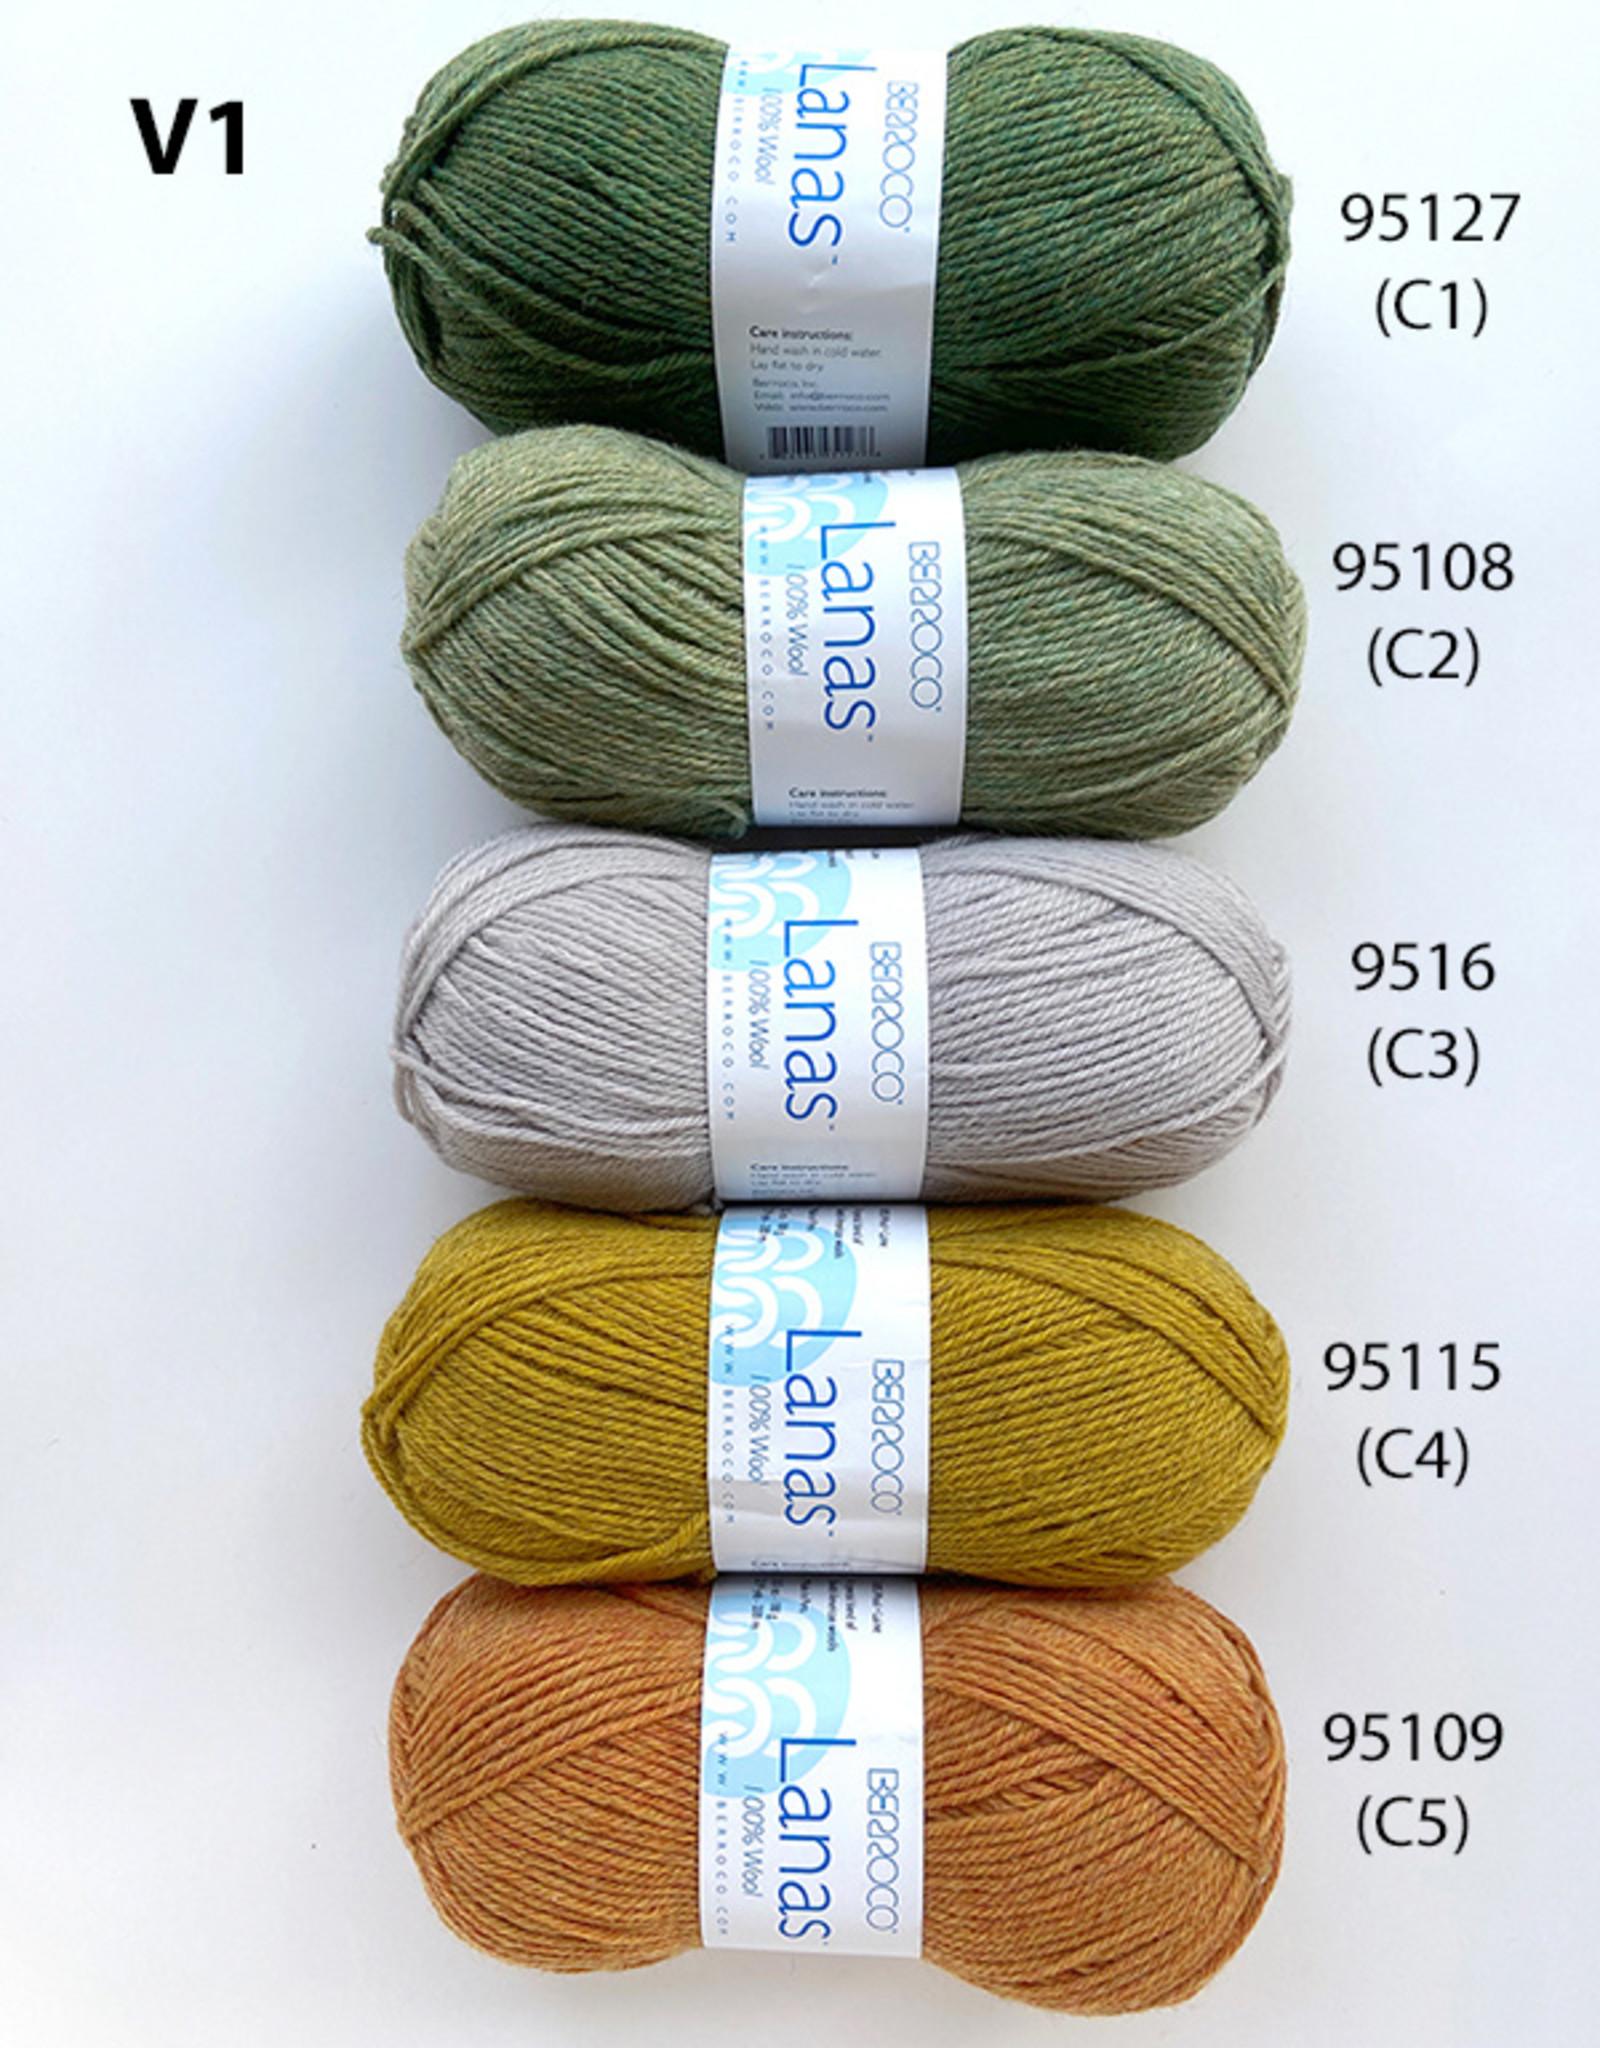 Berroco Fern Lake Blanket Kits